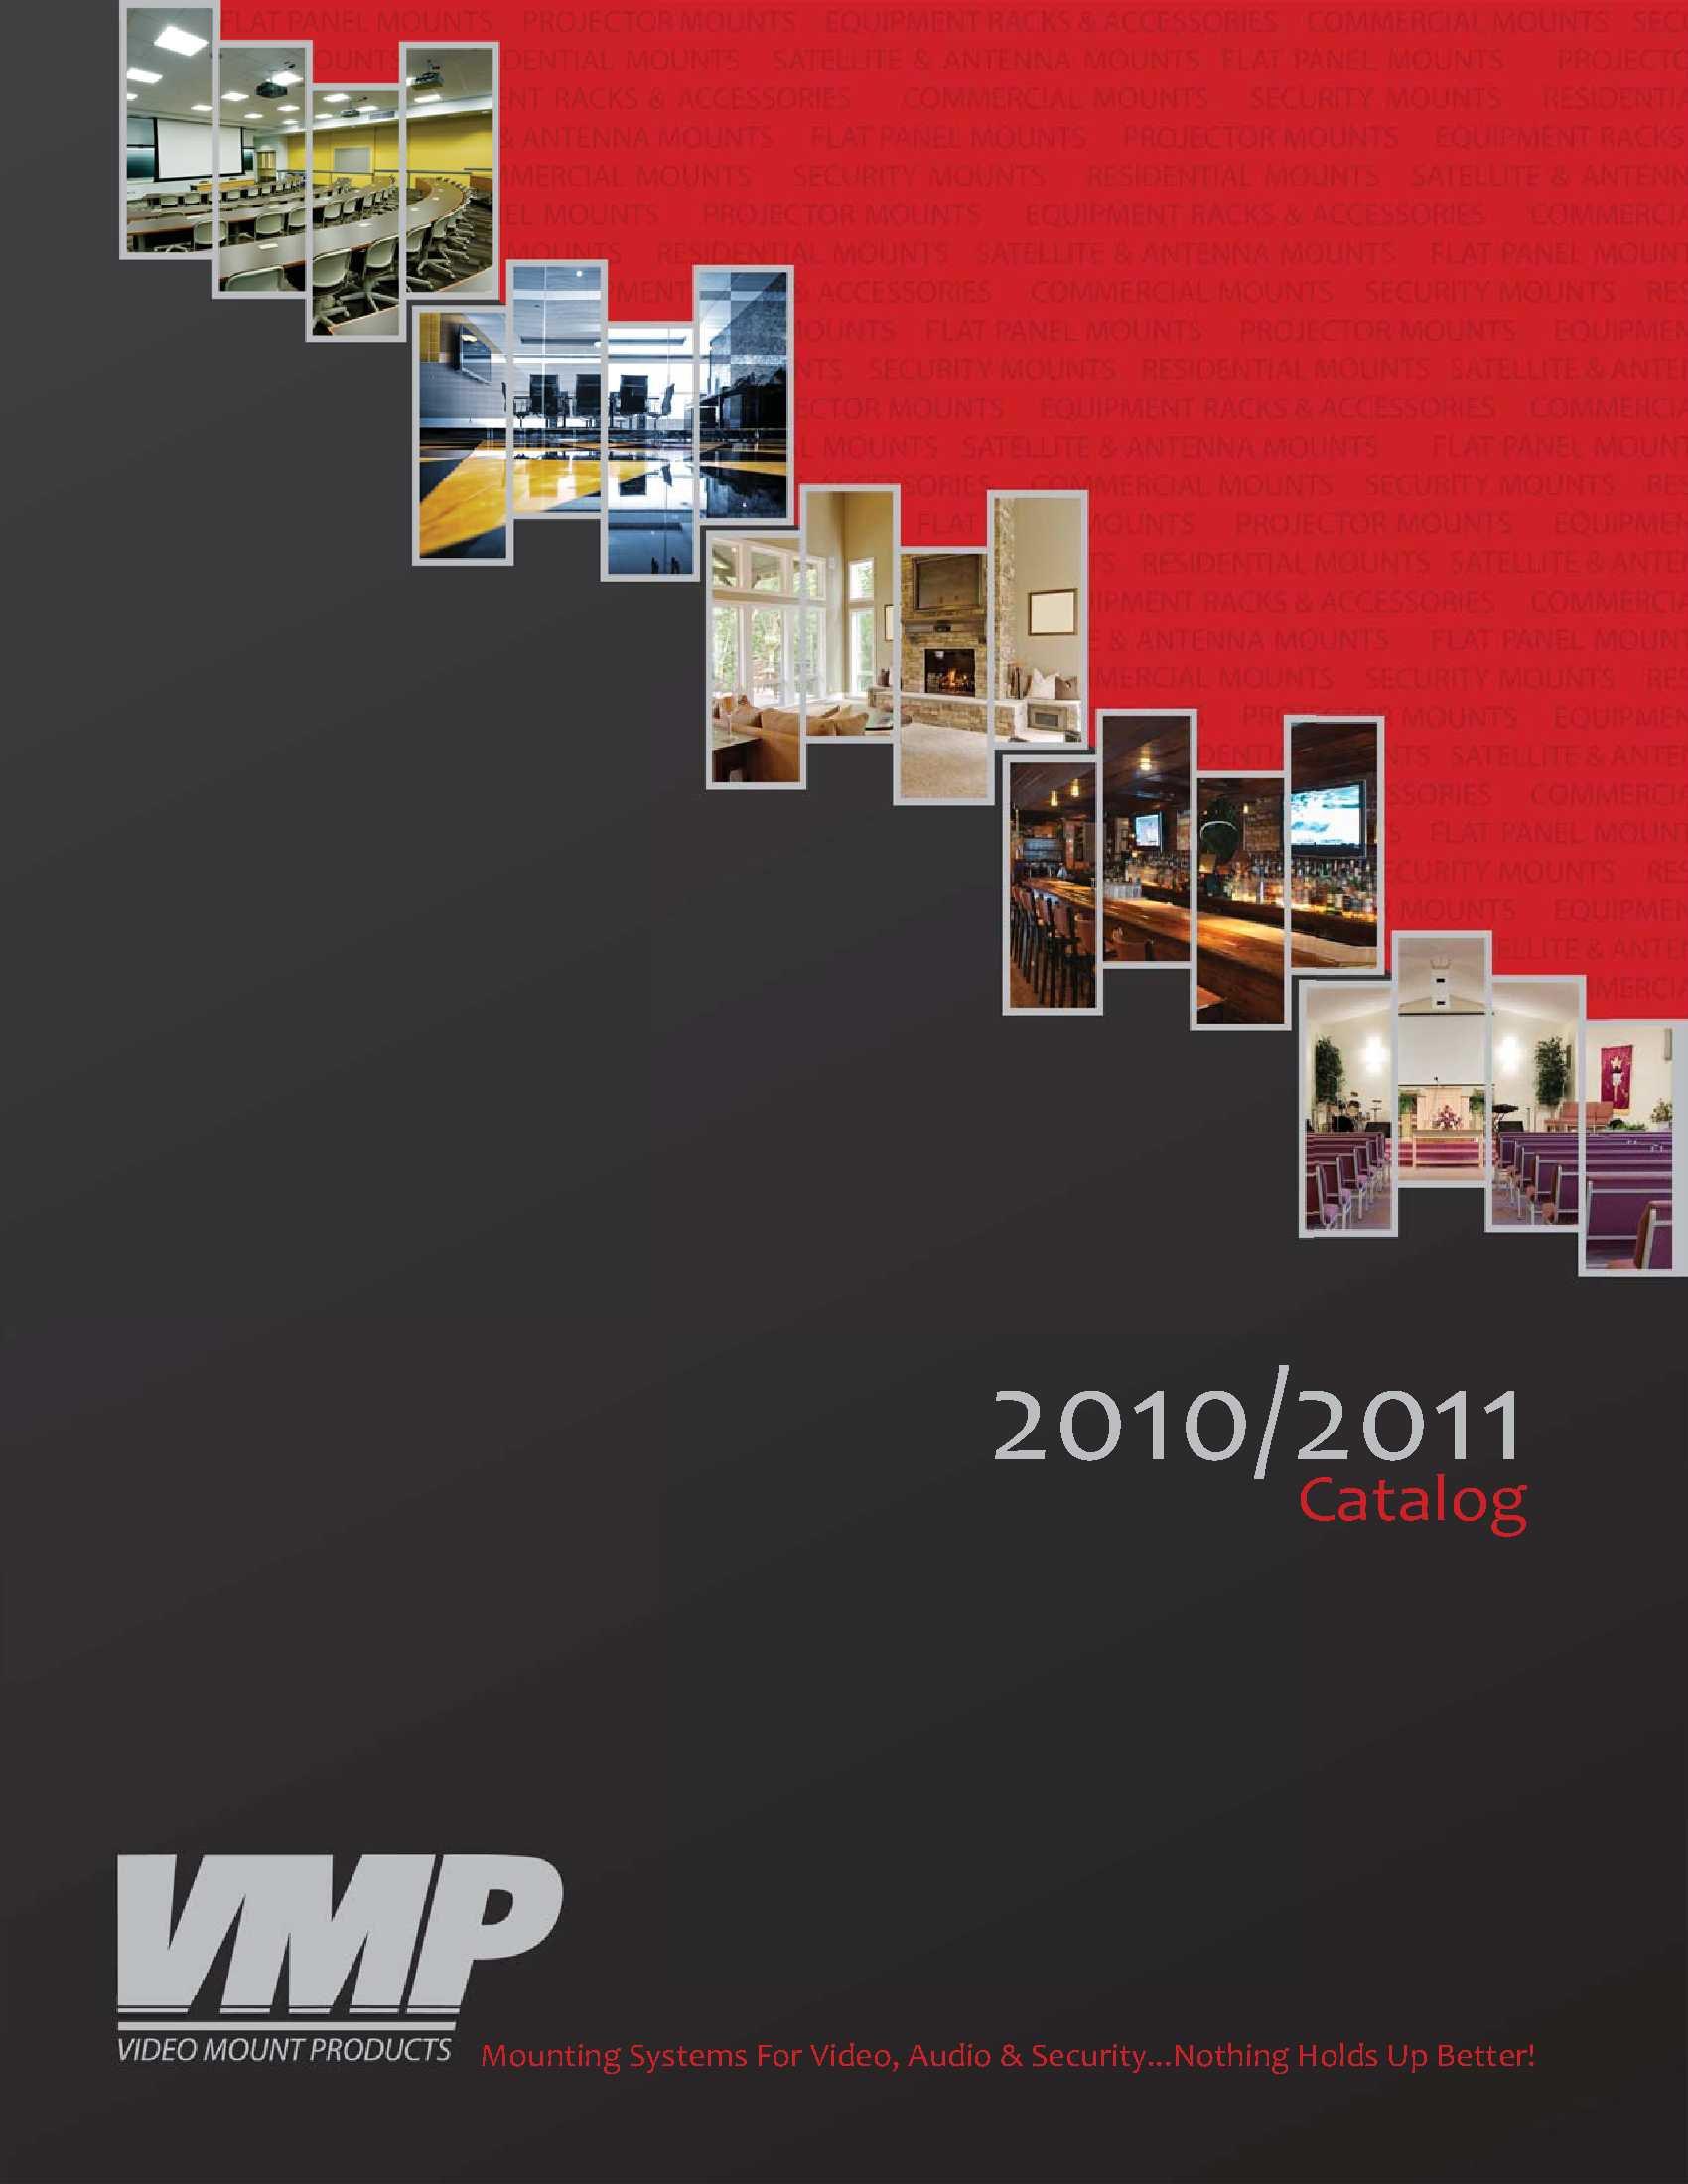 clippard_catalog_v2_small.png (1260×792) | DESIGN | Catalogs ...